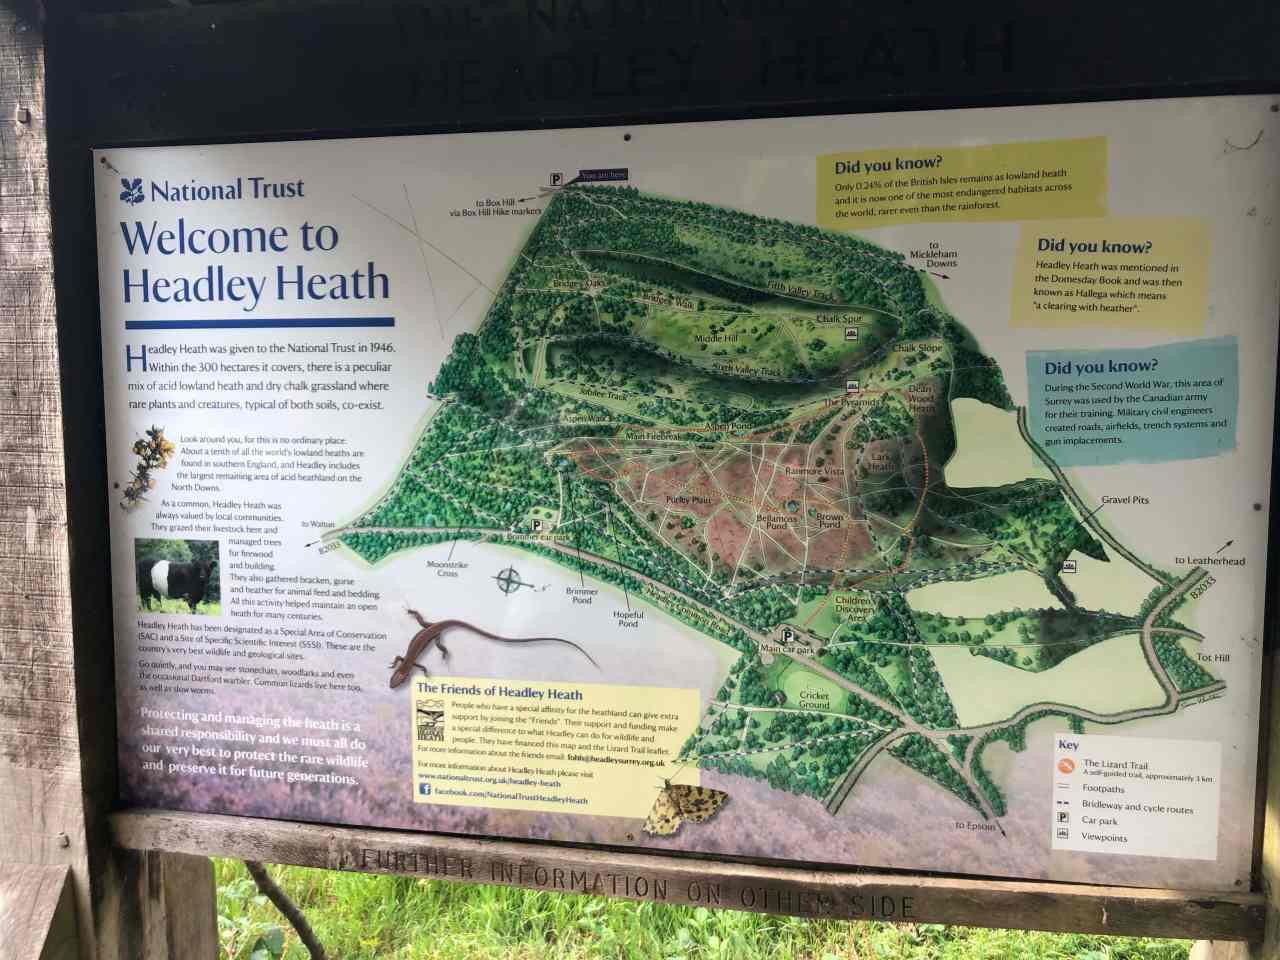 Headley heath